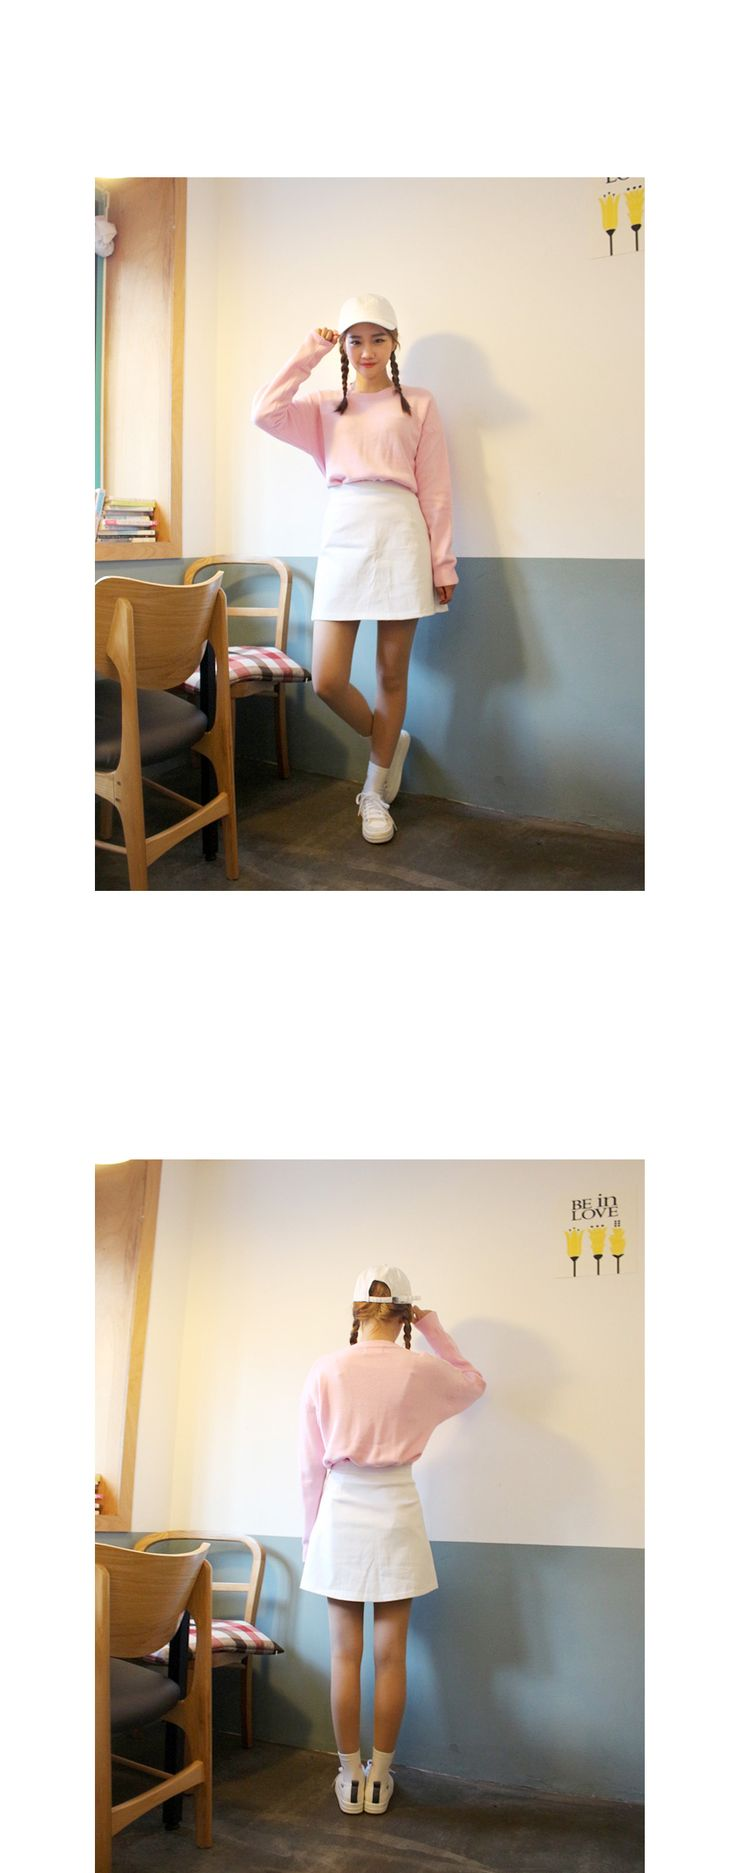 パステルカラーAラインスカート - OLDMICKEY - 女子度アップを約束する華やかなパステルカラーのスカート。高く設定したウエストから裾に向かってふわっと広がるフレアなシルエットが、気になるウエスト周りをほっそり見せてくれます。ごくシンプルなデザインだから究極の普通を追求するノームコアスタイルにピッタリ★コーデの心強い見方になってくれること間違いなし!!